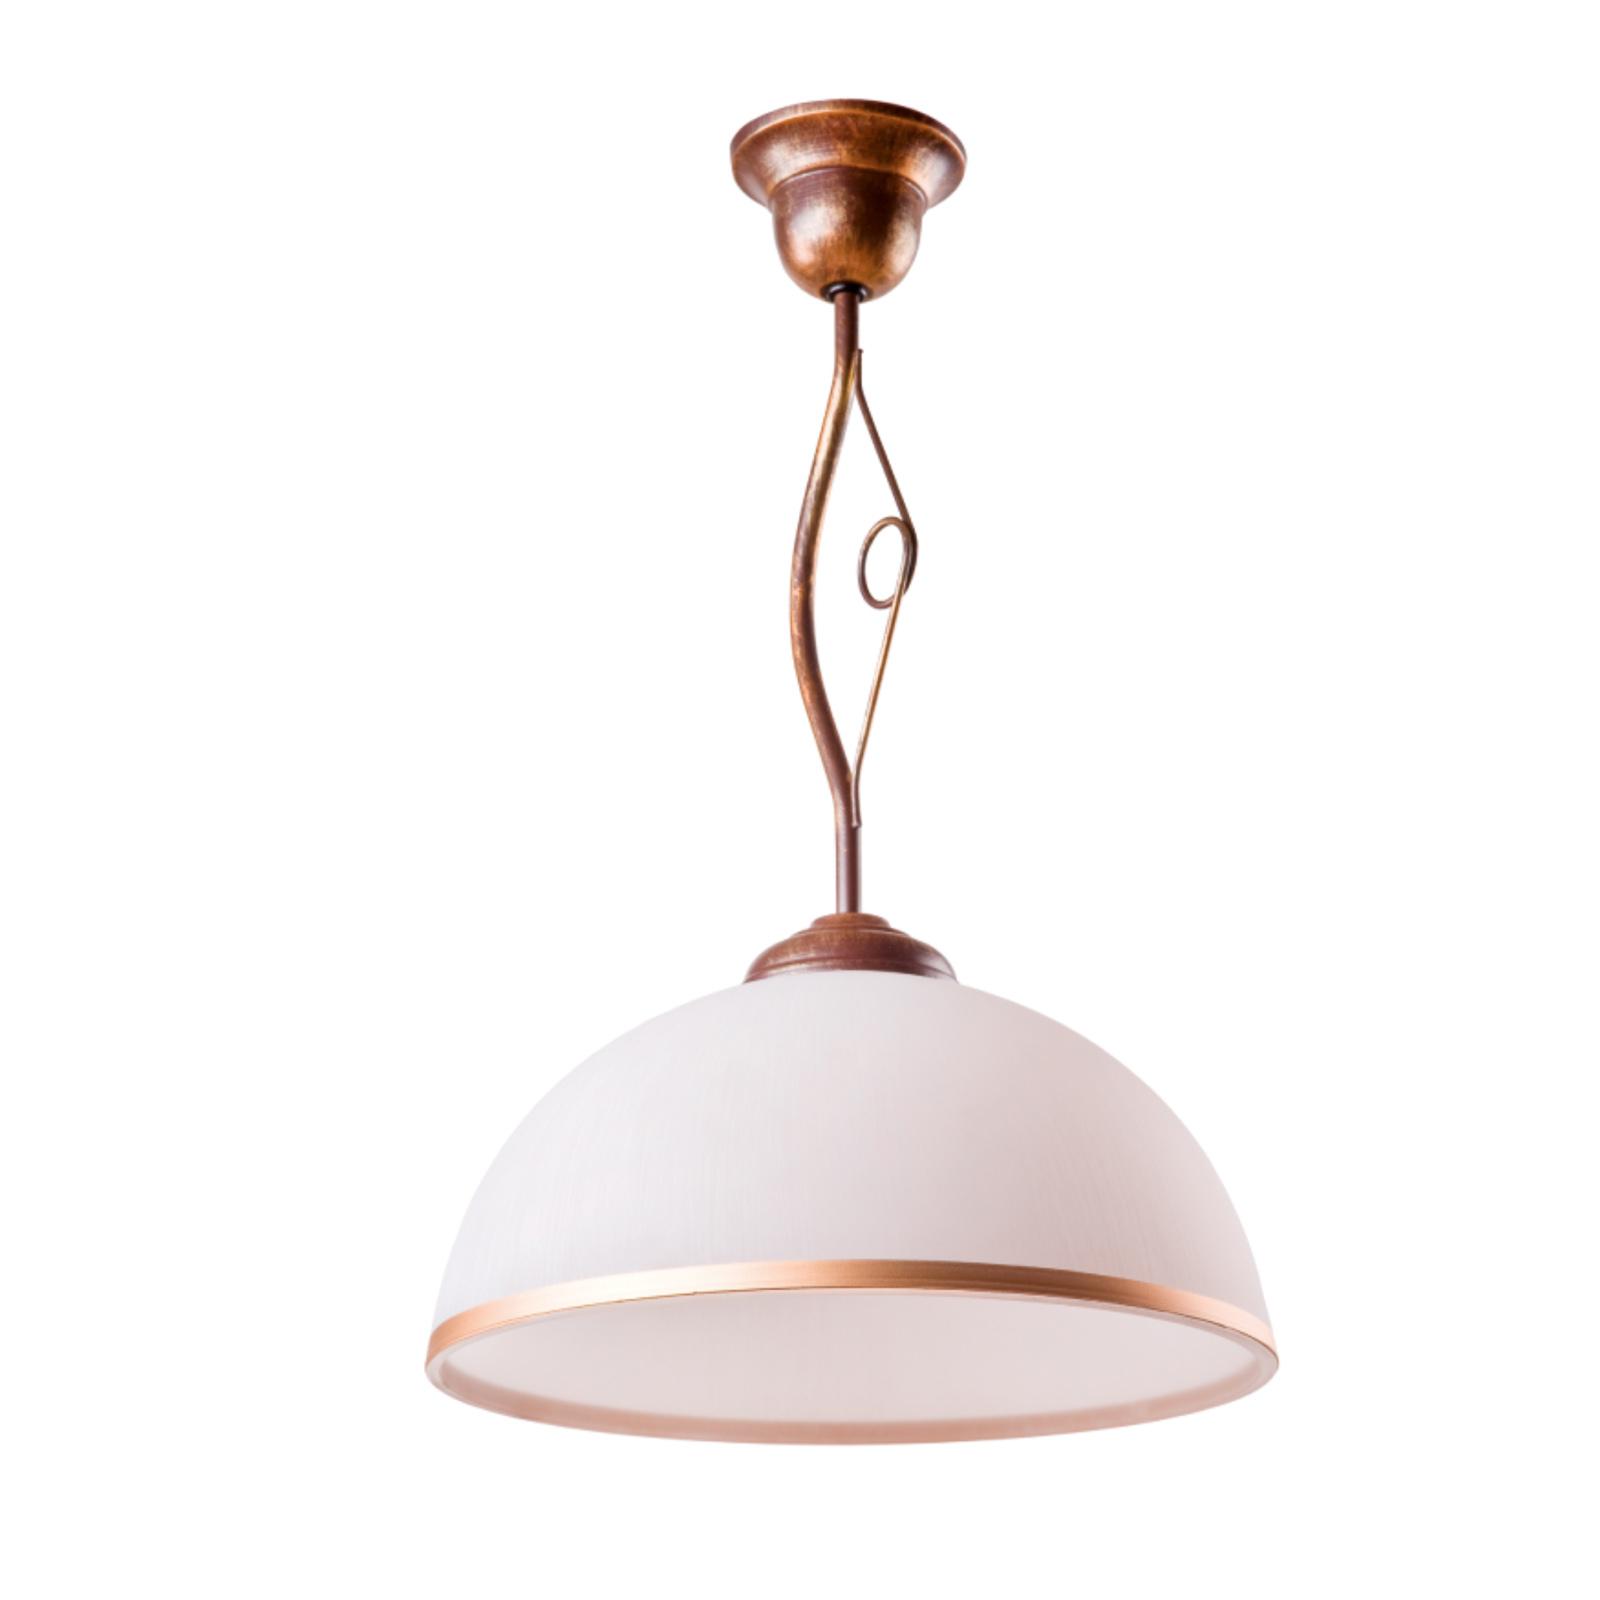 Roma hængelampe i hvid og brun, 1 lyskilde